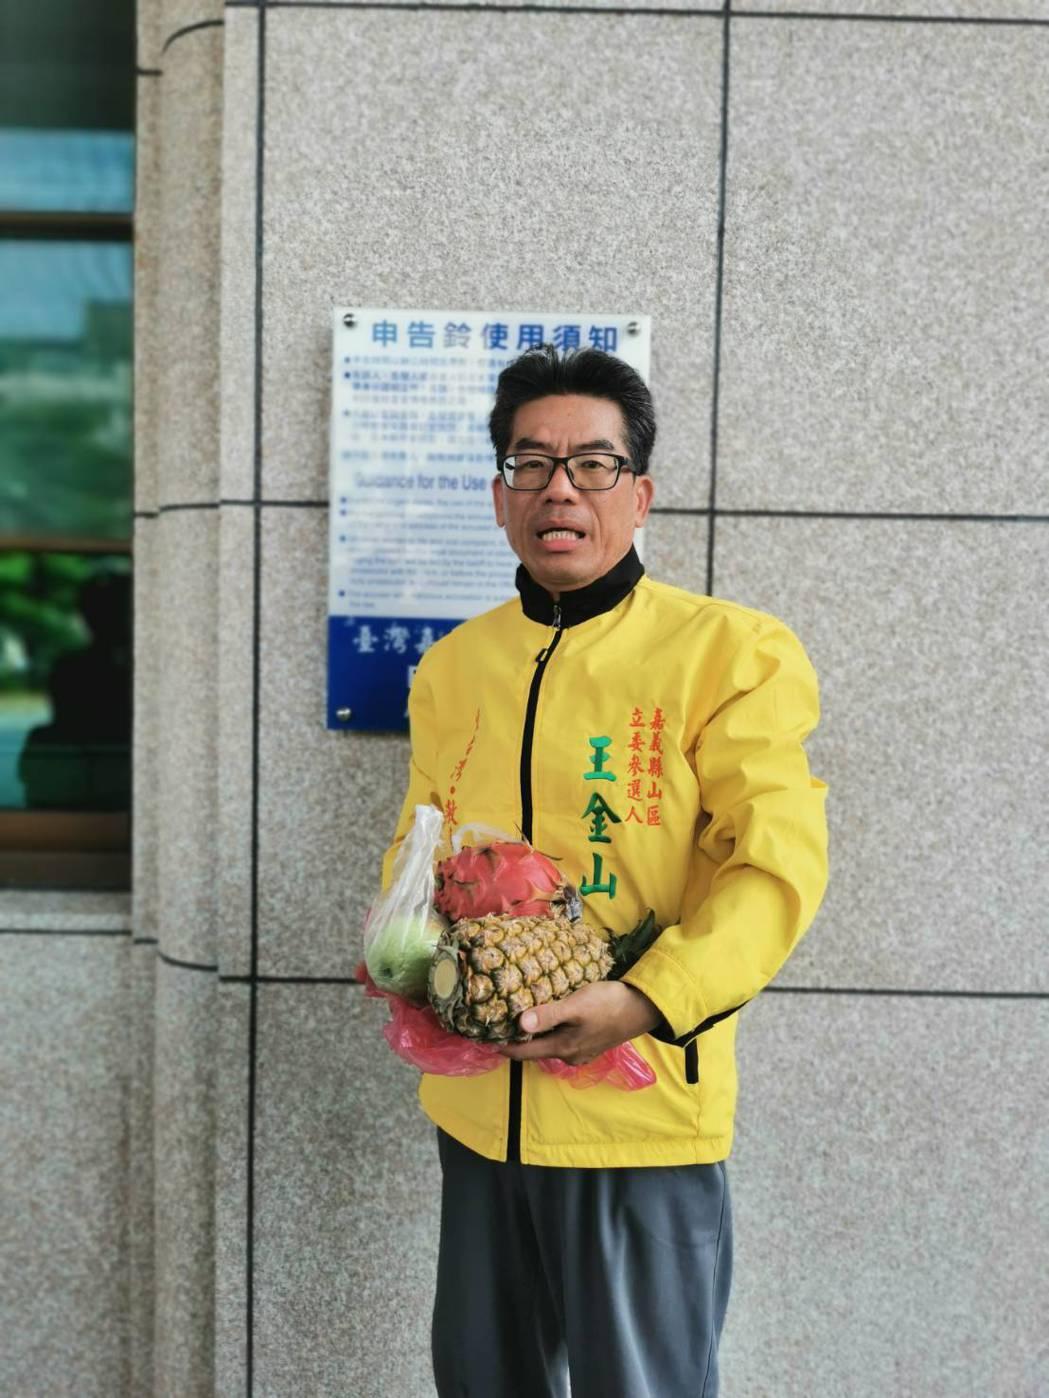 王金山當時提告認為,鳳梨、香蕉、紅龍果、芭樂、金桔、檸檬等6樣水果,打成精力湯換...